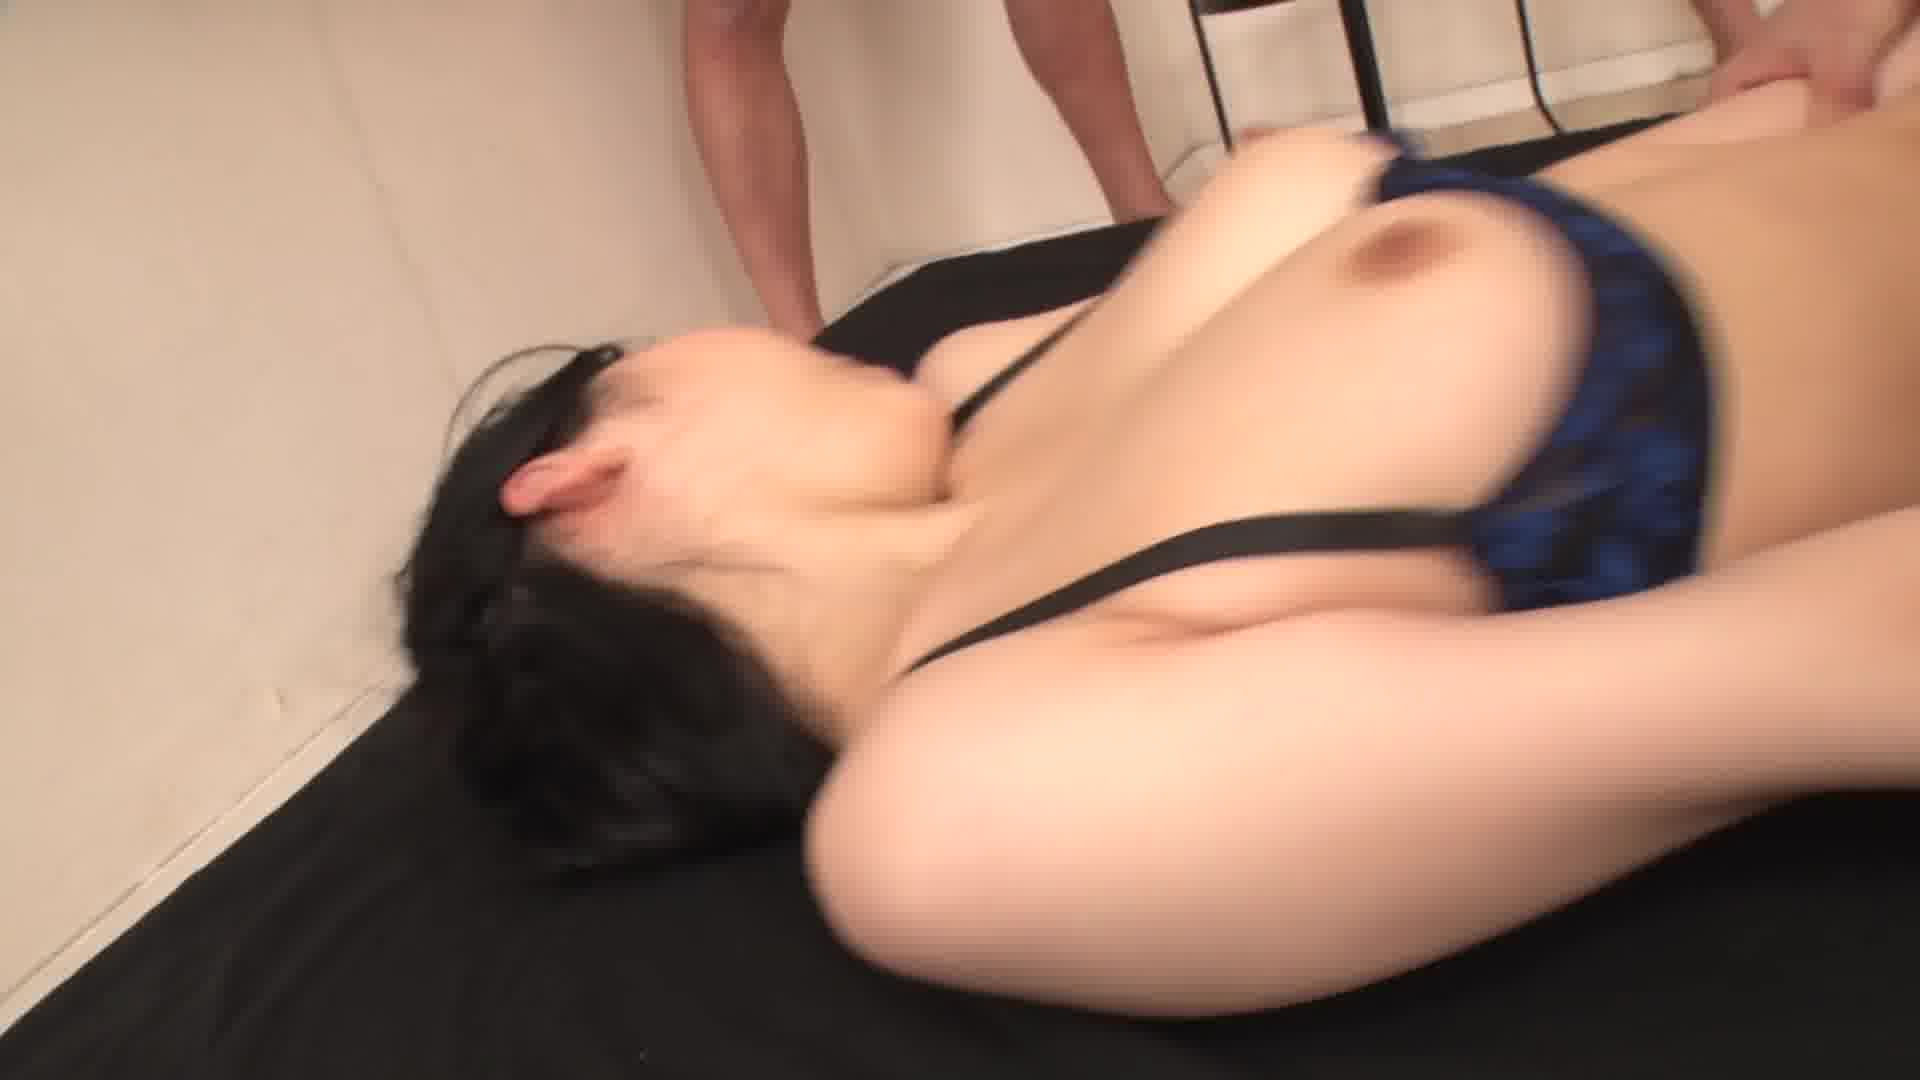 私のセックスを見てください!い~っぱい顔面射精してください!4 - 宮澤さおり【オナニー・顔射・中出し】